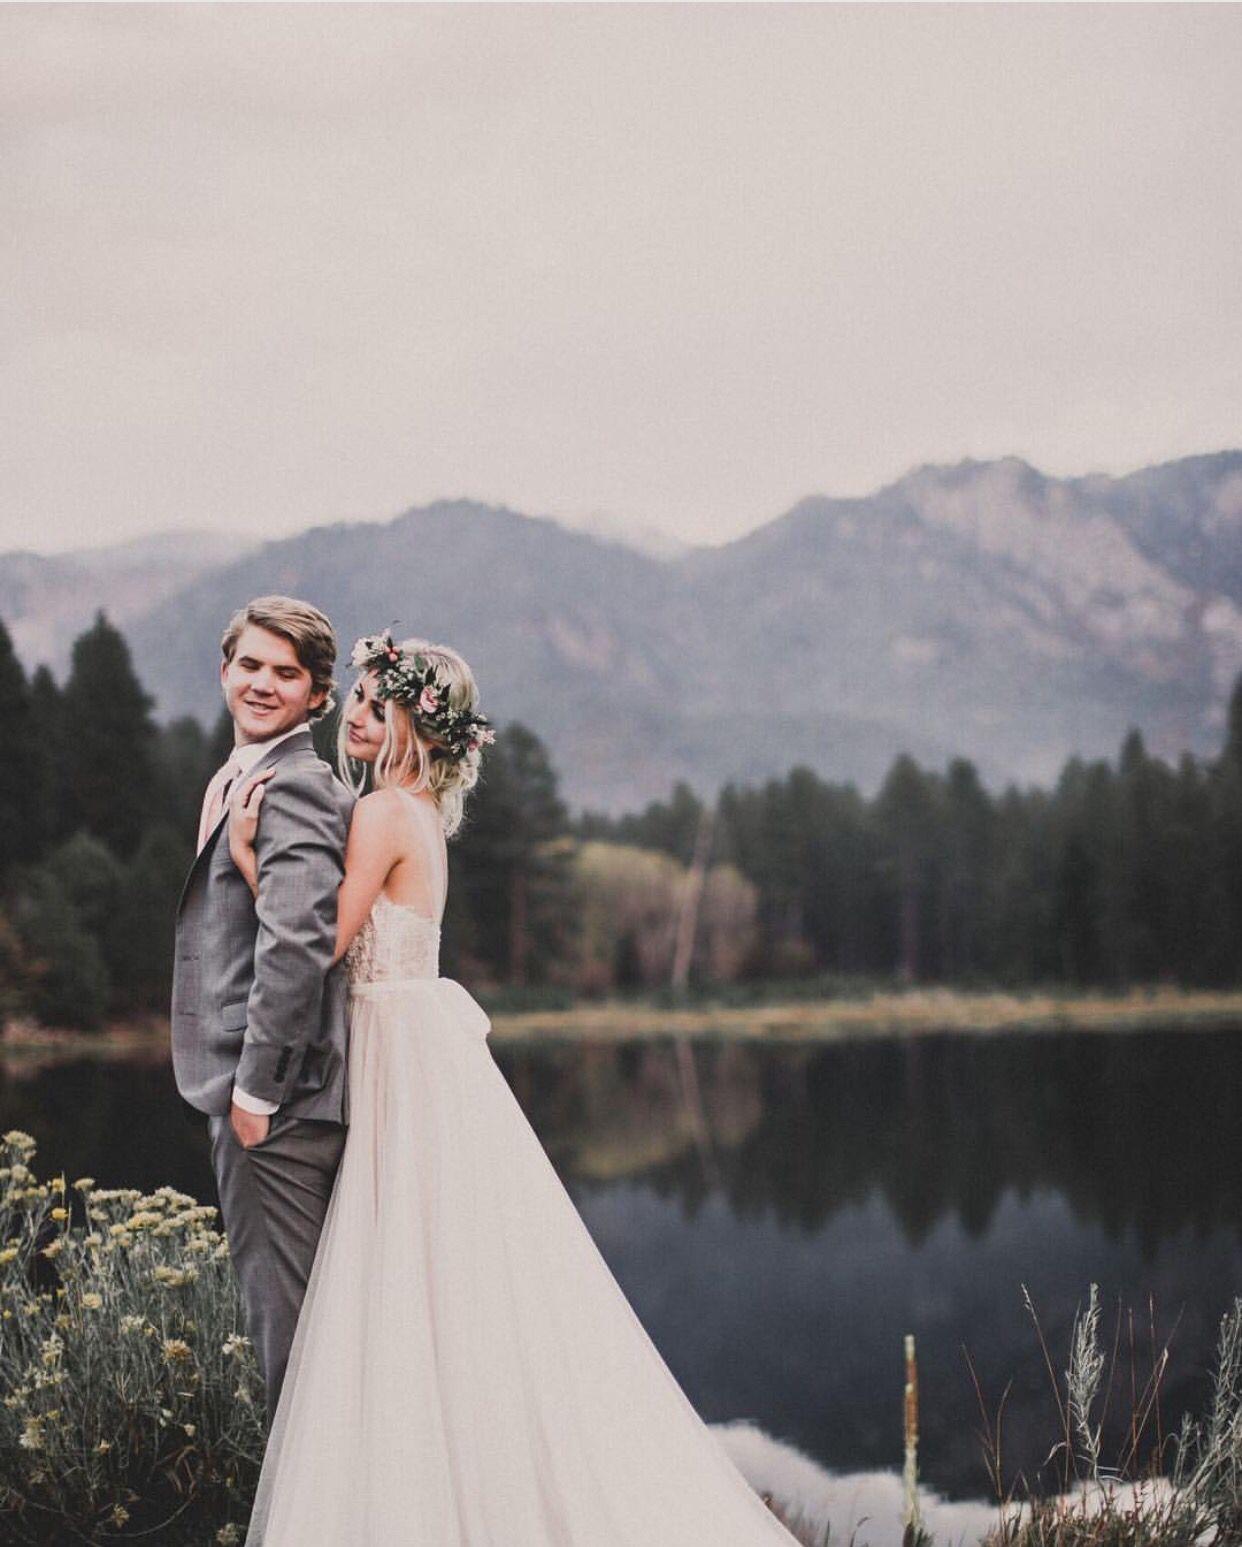 Aspyn Wedding: Aspyn Ovard. Parker Ferris. Youtuber. Vlogger. Wedding